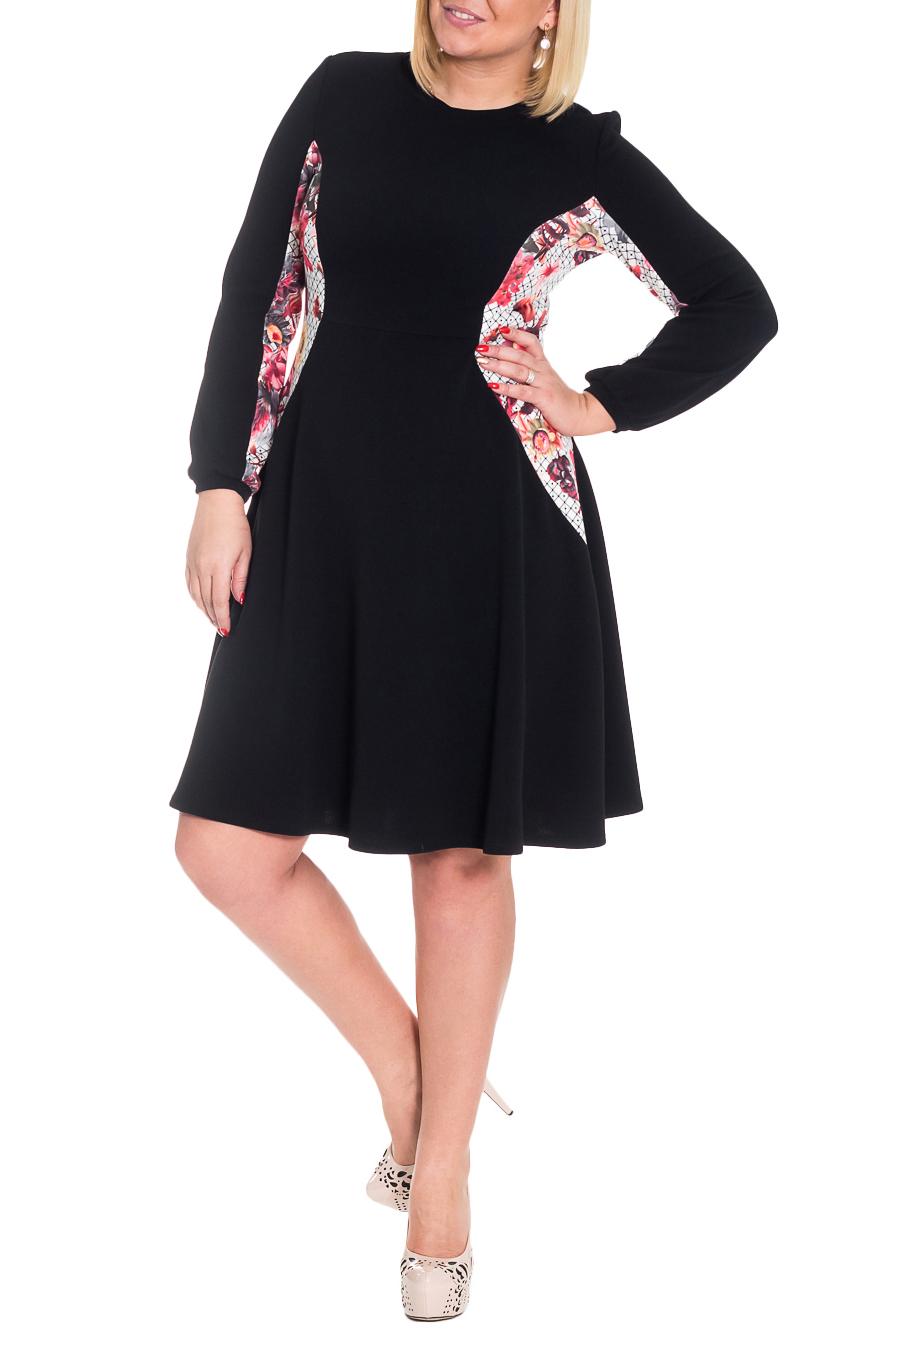 ПлатьеПлатья<br>Утонченное женское платье приталенного силуэта с рельефами на передней и задней частях изделия. Изделие отрезное по линии талии. Горловина обработана бейкой. Рукав двушовный, со сборкой по низу и манжетой. Цвет: черный, белый и красный (вставки).  Длина рукава - 61 ± 1 см  Рост девушки-фотомодели 170 см  Длина изделия - 103 ± 2 см<br><br>Горловина: С- горловина<br>По длине: Ниже колена<br>По материалу: Трикотаж,Хлопок<br>По рисунку: С принтом,Фактурный рисунок,Цветные<br>По силуэту: Полуприталенные<br>По стилю: Повседневный стиль<br>По форме: Платье - трапеция<br>По элементам: С декором,Со складками<br>Рукав: Длинный рукав<br>По сезону: Зима<br>Размер : 46,48,50<br>Материал: Трикотаж<br>Количество в наличии: 11